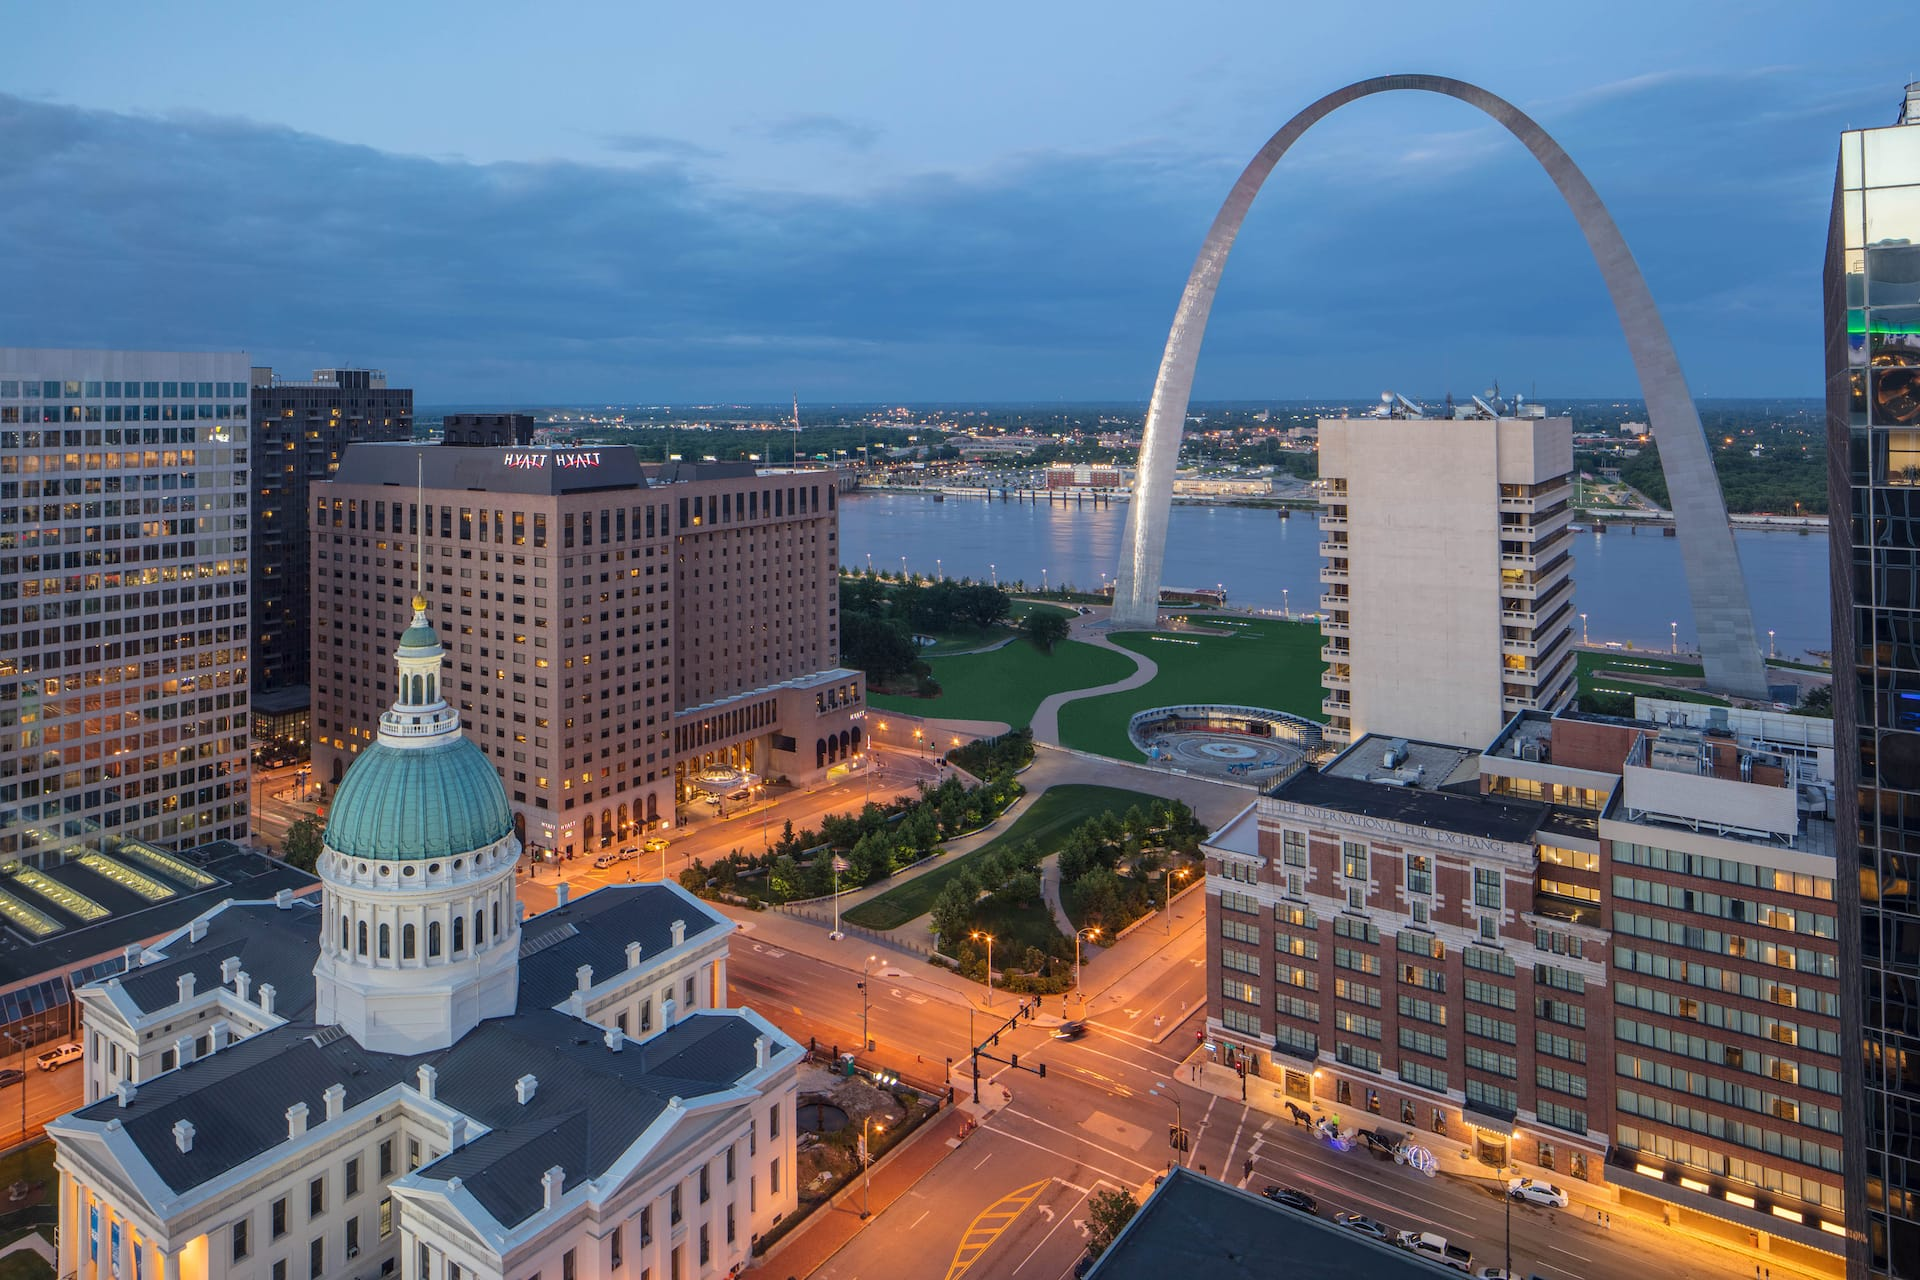 Dusk in St. Louis - Hyatt Regency St. Louis at The Arch